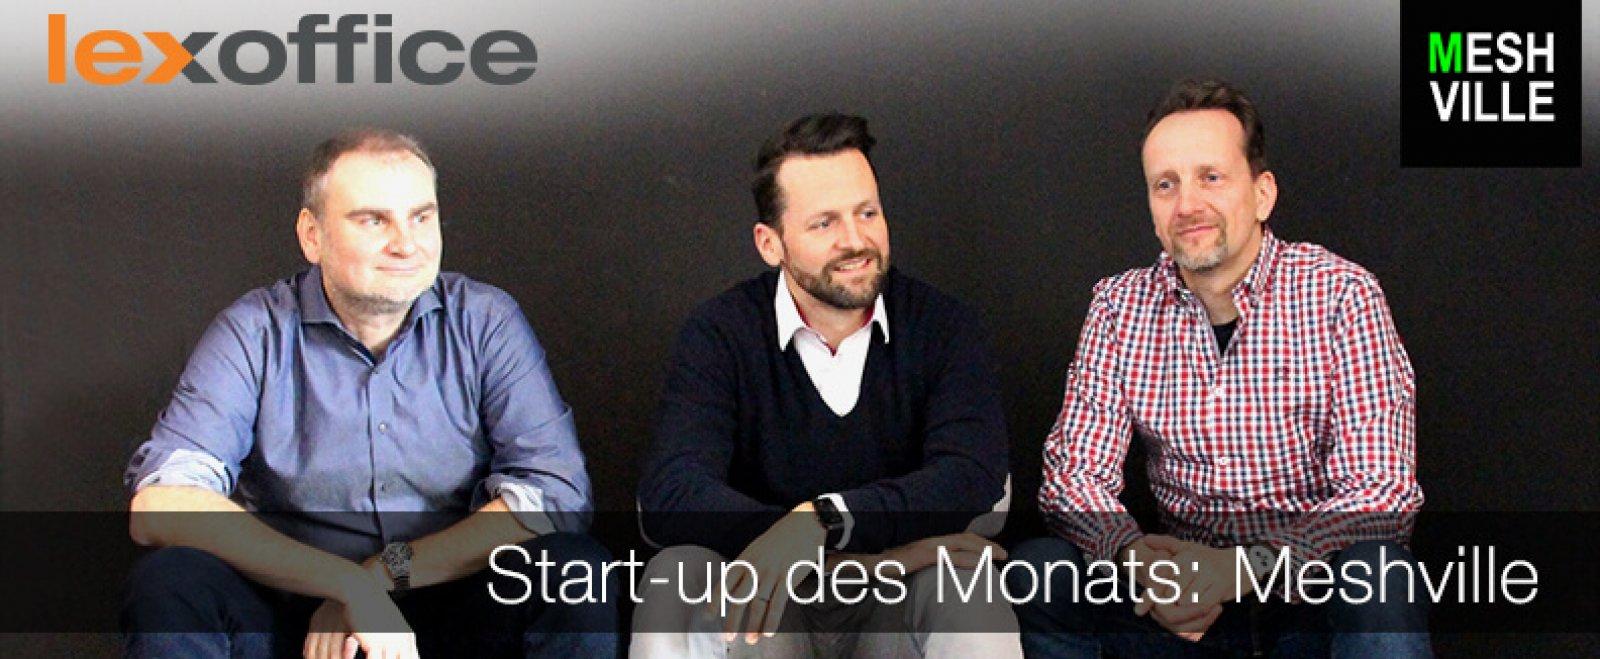 Unser Start-up des Monats Meshville ist eine Plattform für die flexible Buchung von Arbeitsplätzen, Besprechungs- und Eventräumen in Coworking Spaces.